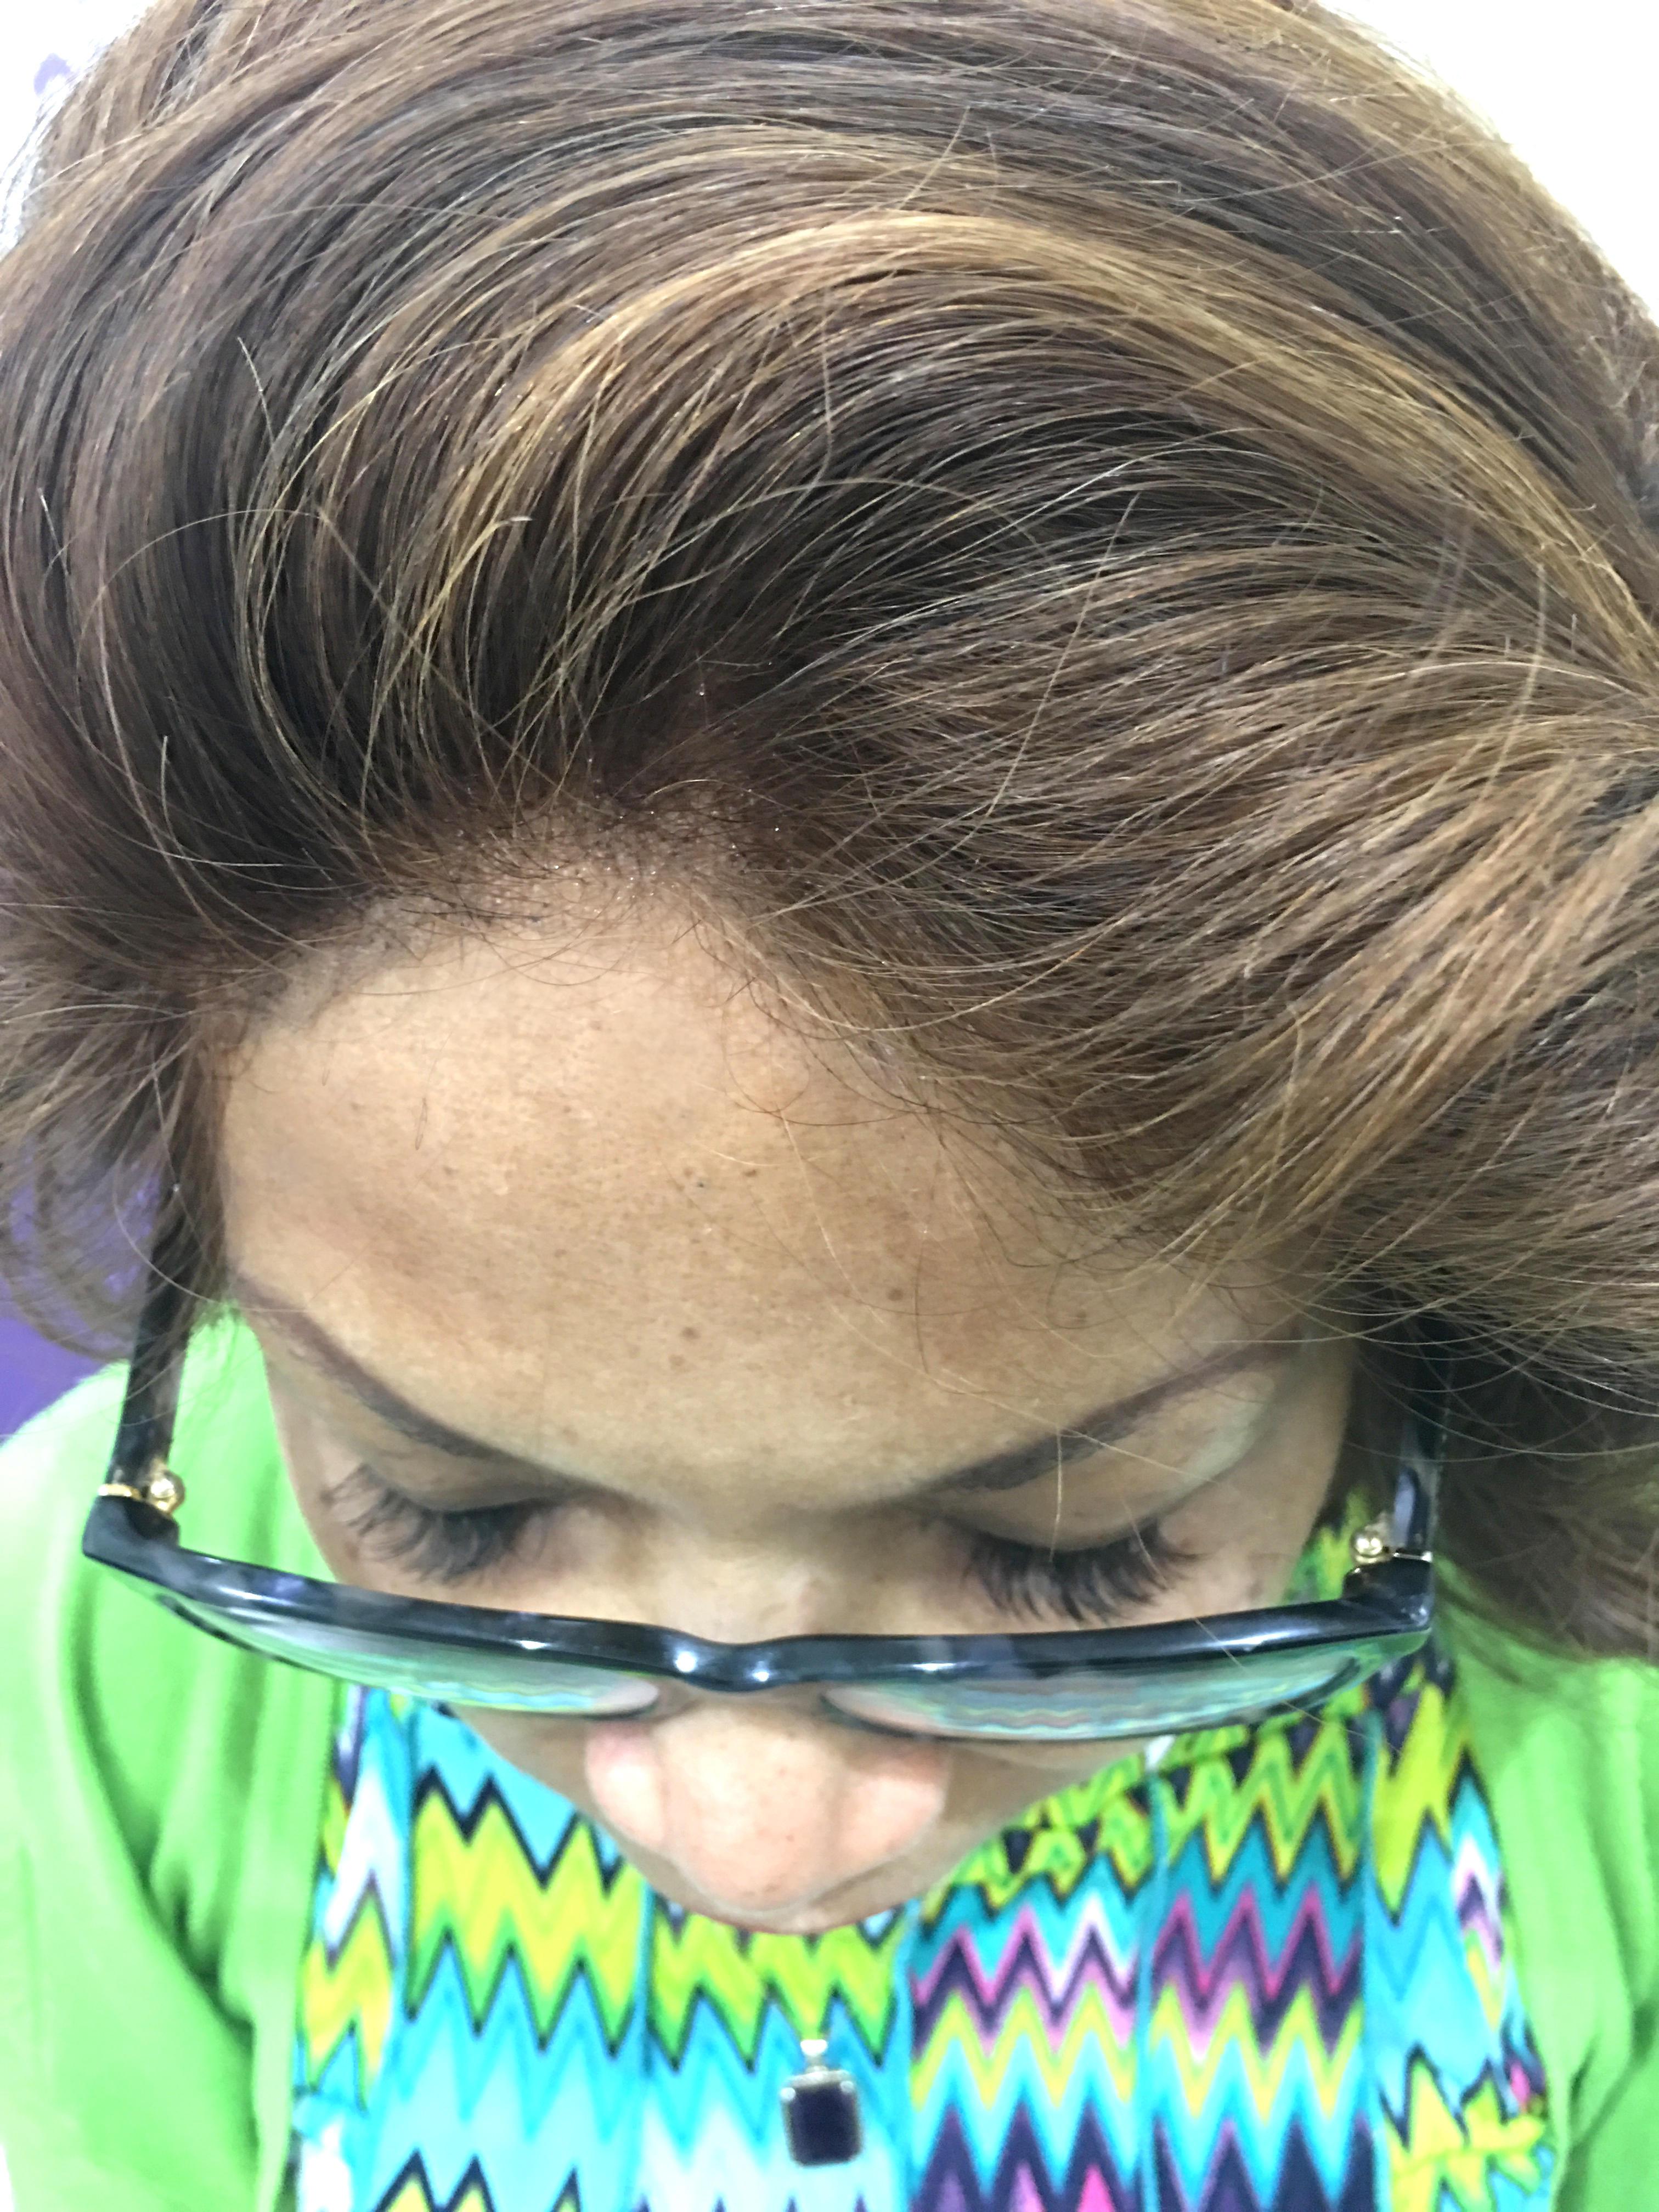 Shop Lace Wigs image 35